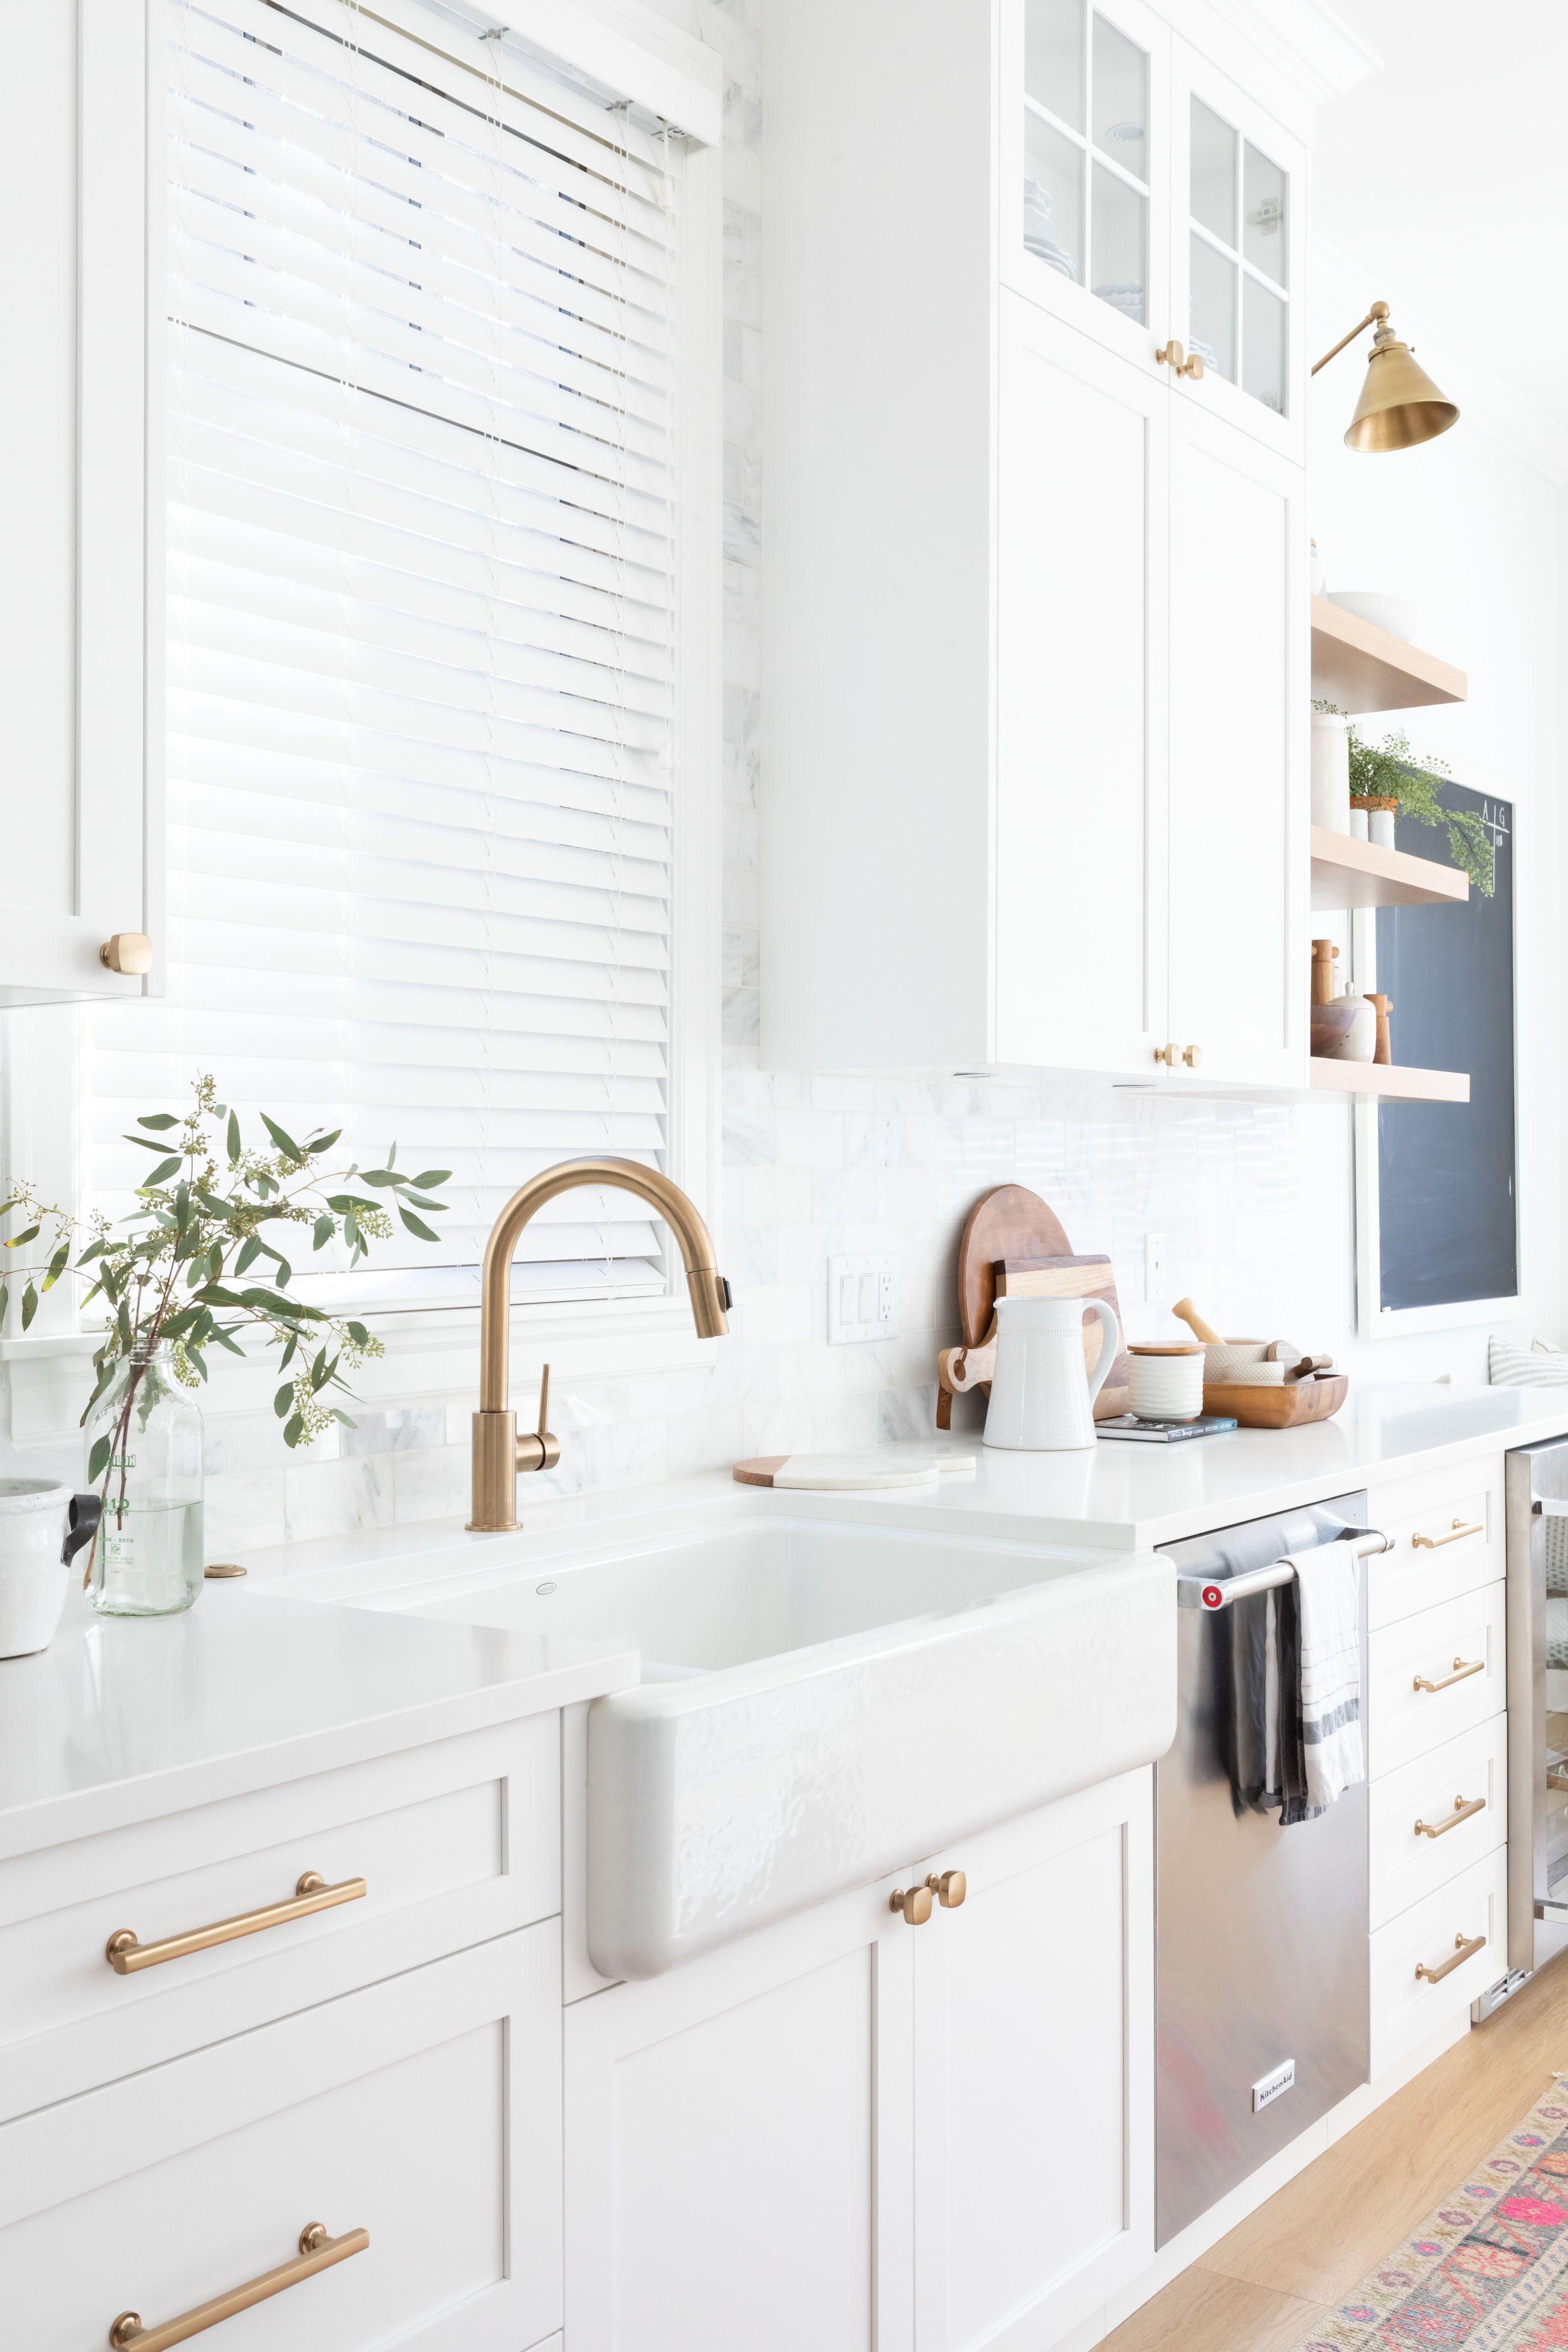 White Kitchen With Brass Hardware And Faucet Hazel And Brown Interior Design Kitchen Kitchen Interior Kitchen Remodel